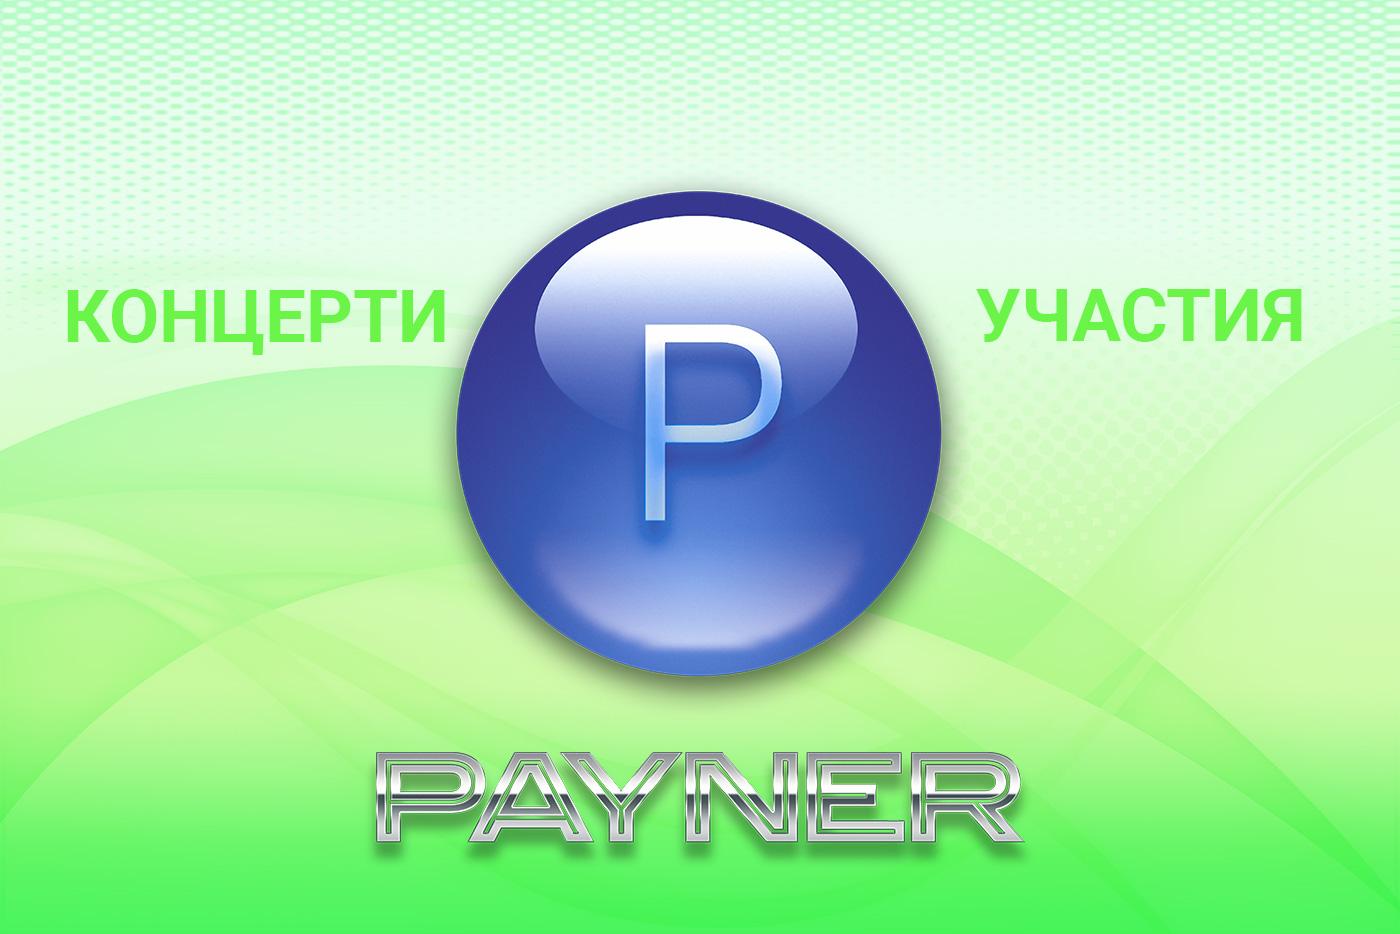 """Участия на звездите на """"Пайнер"""" на 27.09.2018"""